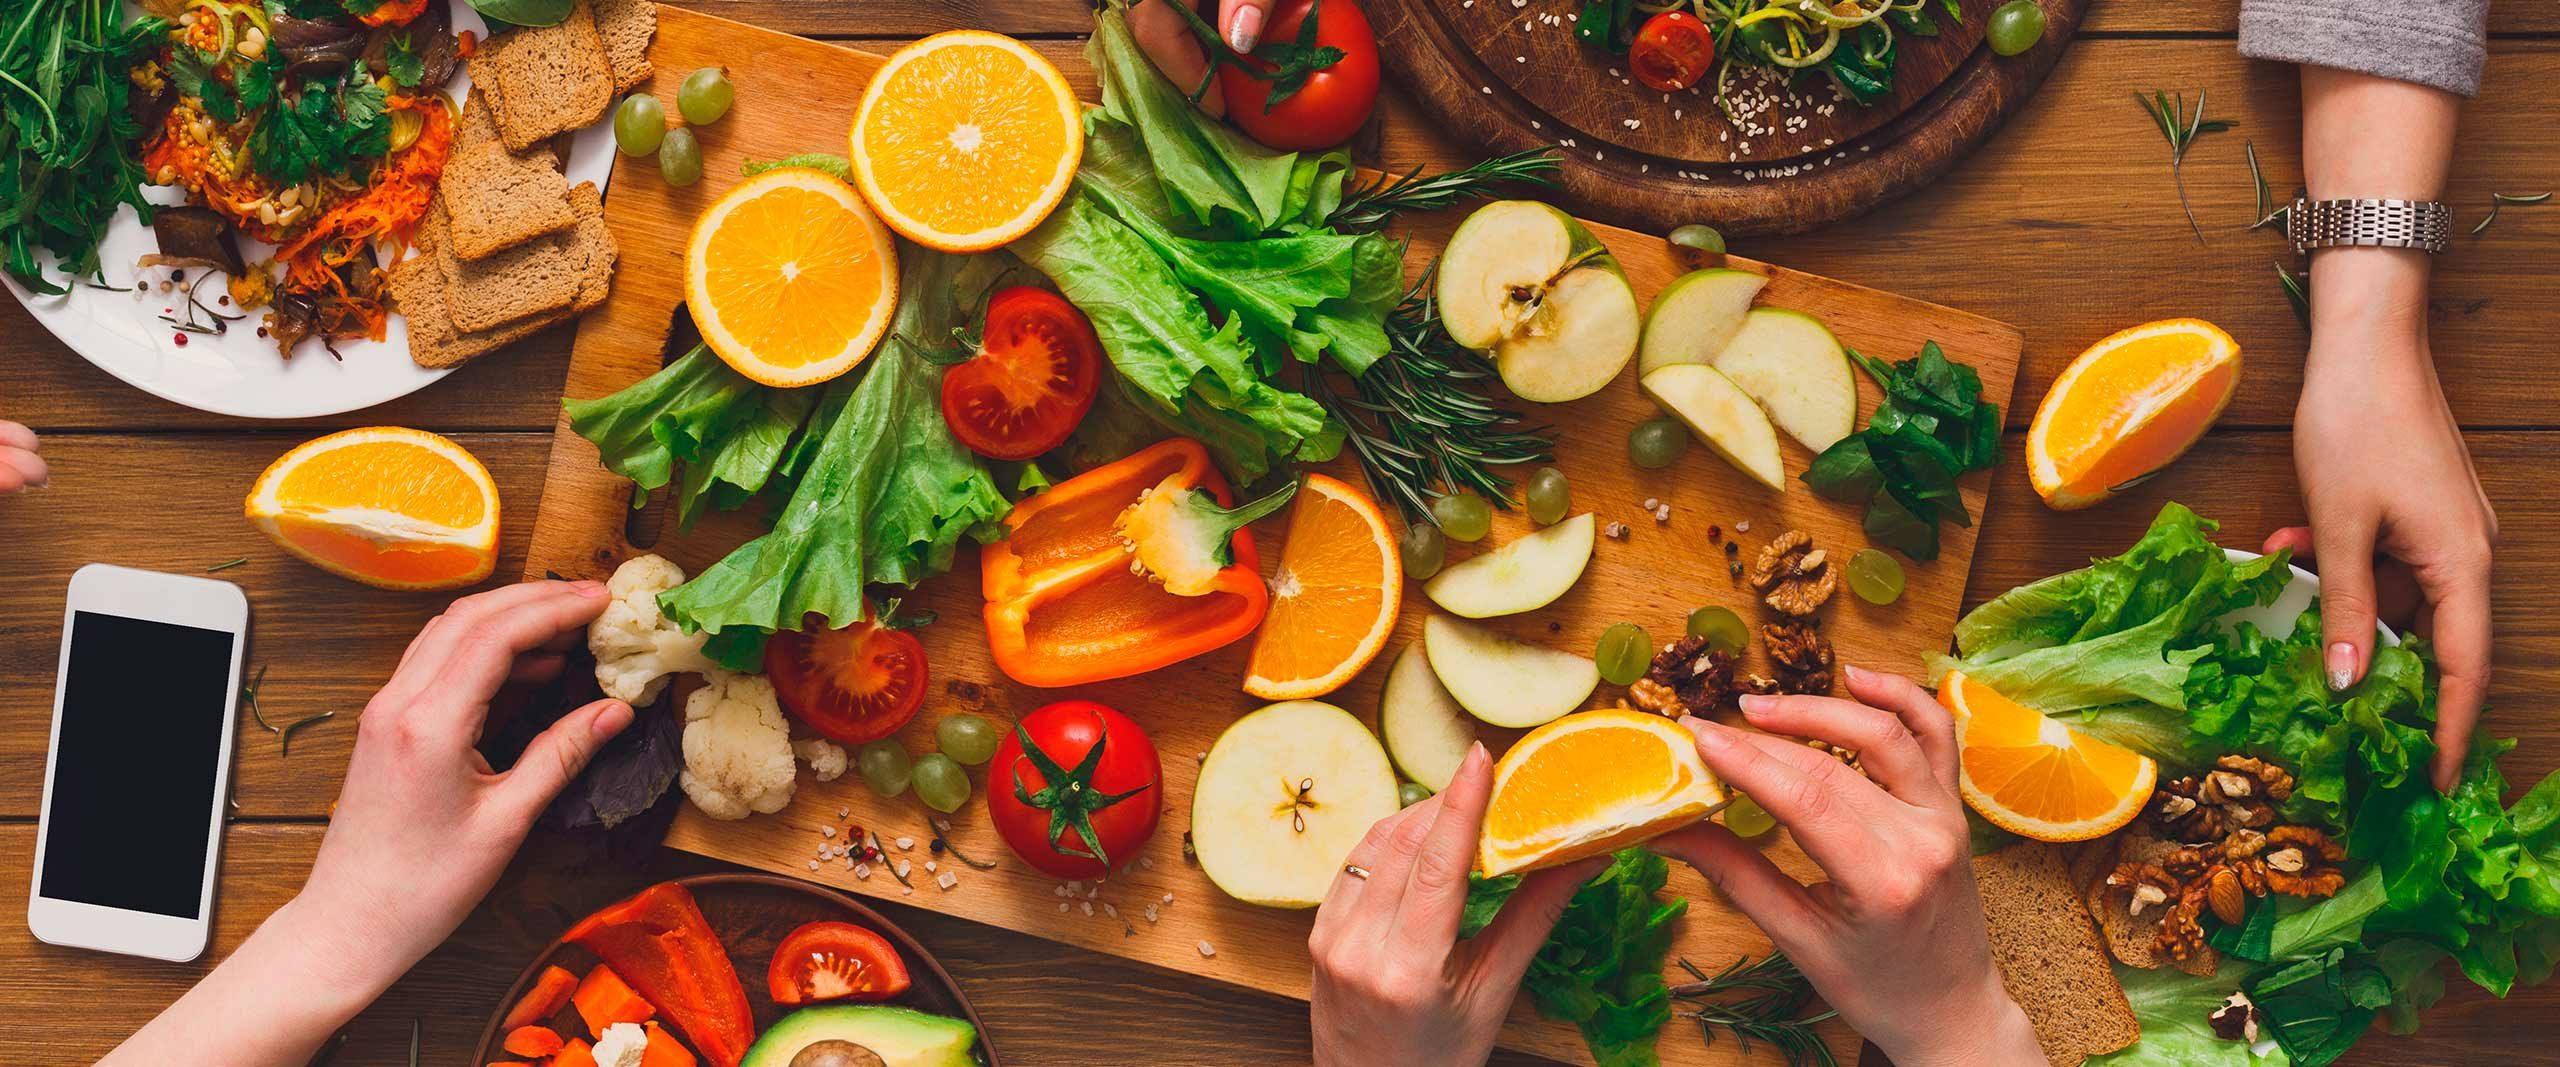 Veganismo dietético